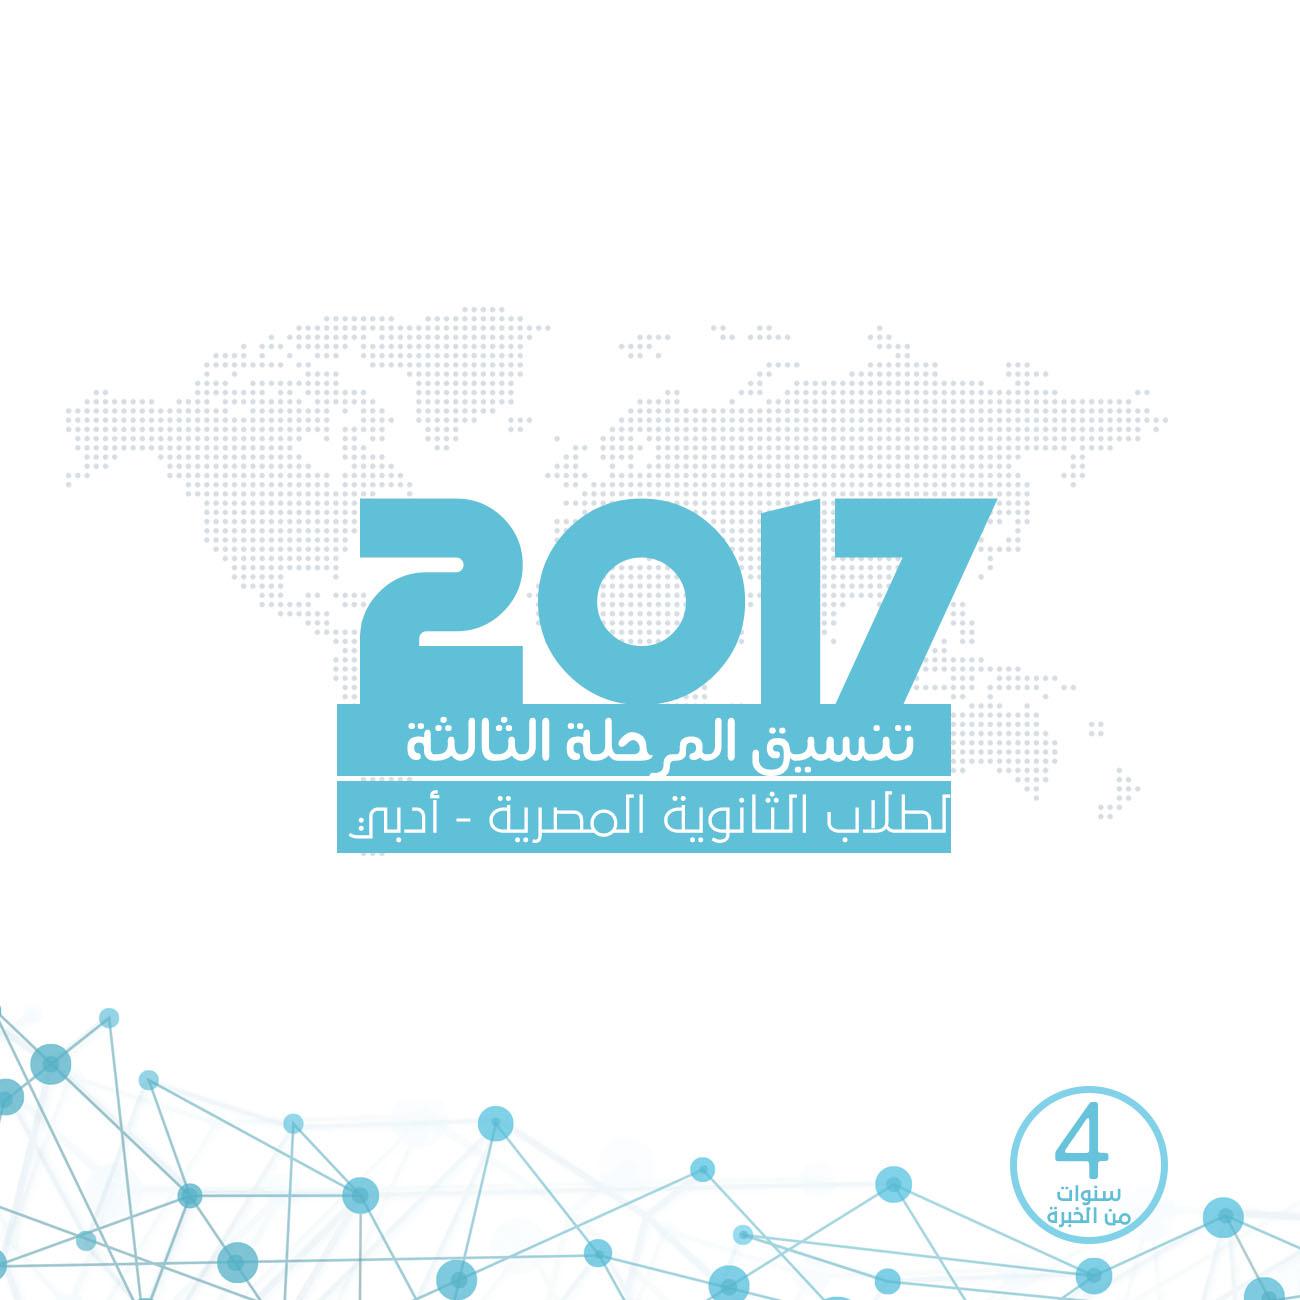 تنسيق المرحلة الثالثة للثانوية العامة المصرية أدبي مع النسبة